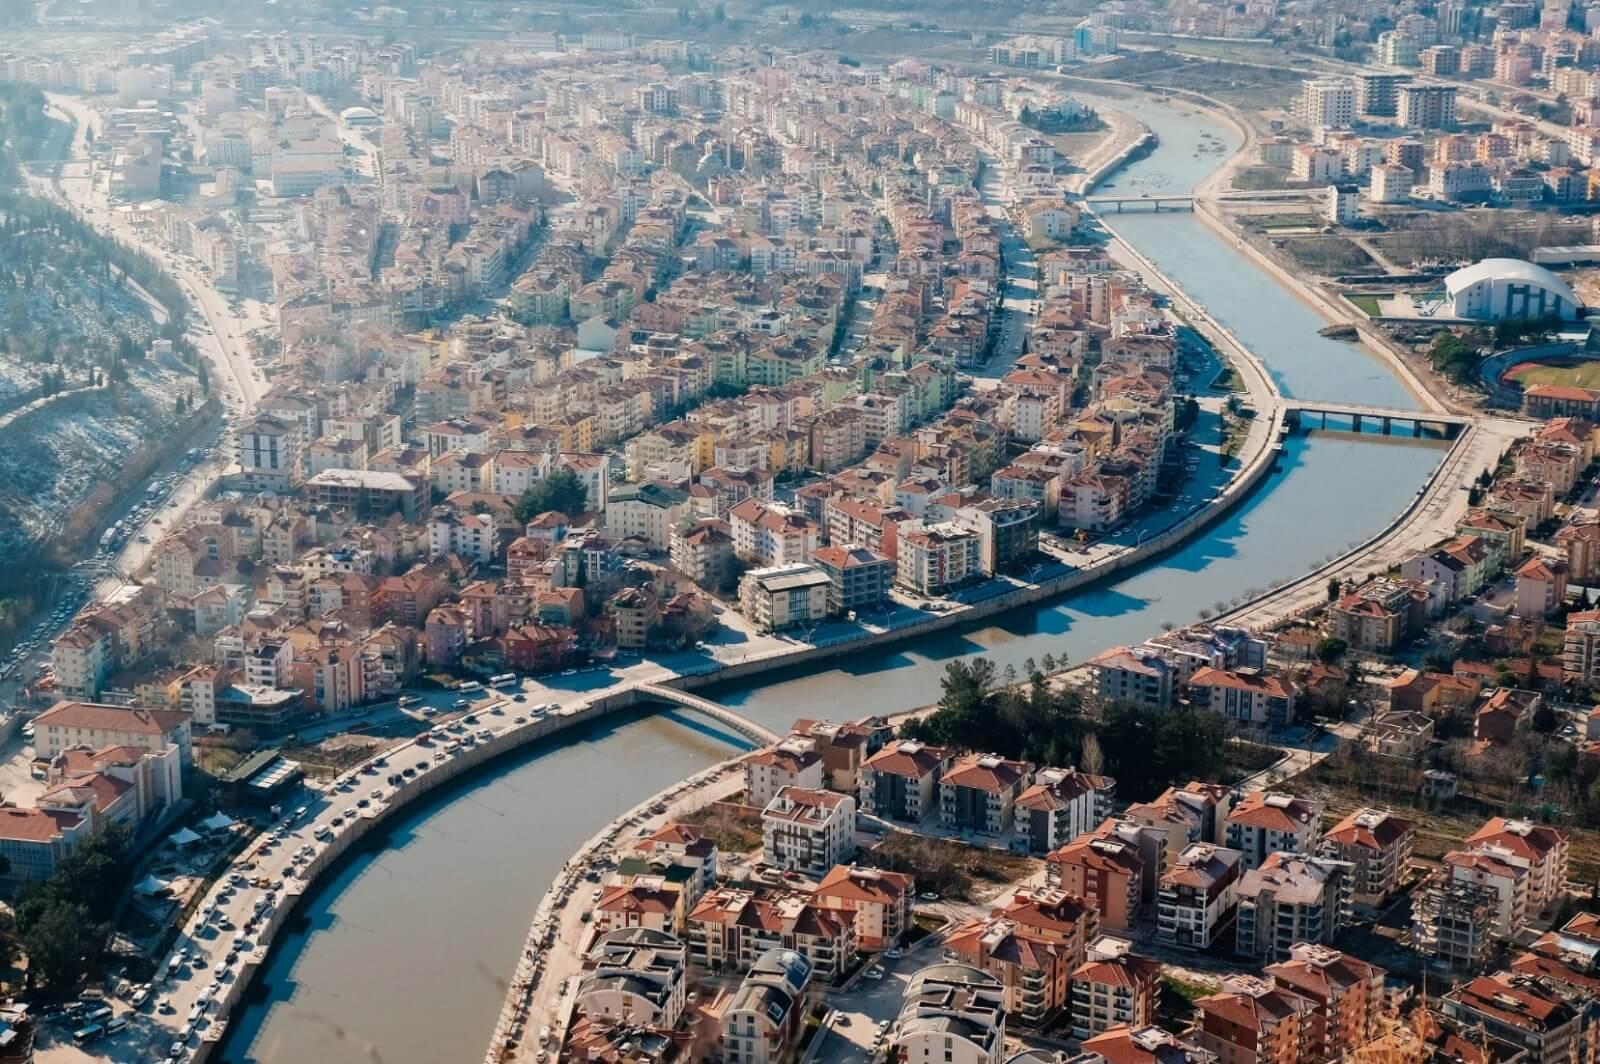 الاماكن السياحية في تركيا - اماسيا